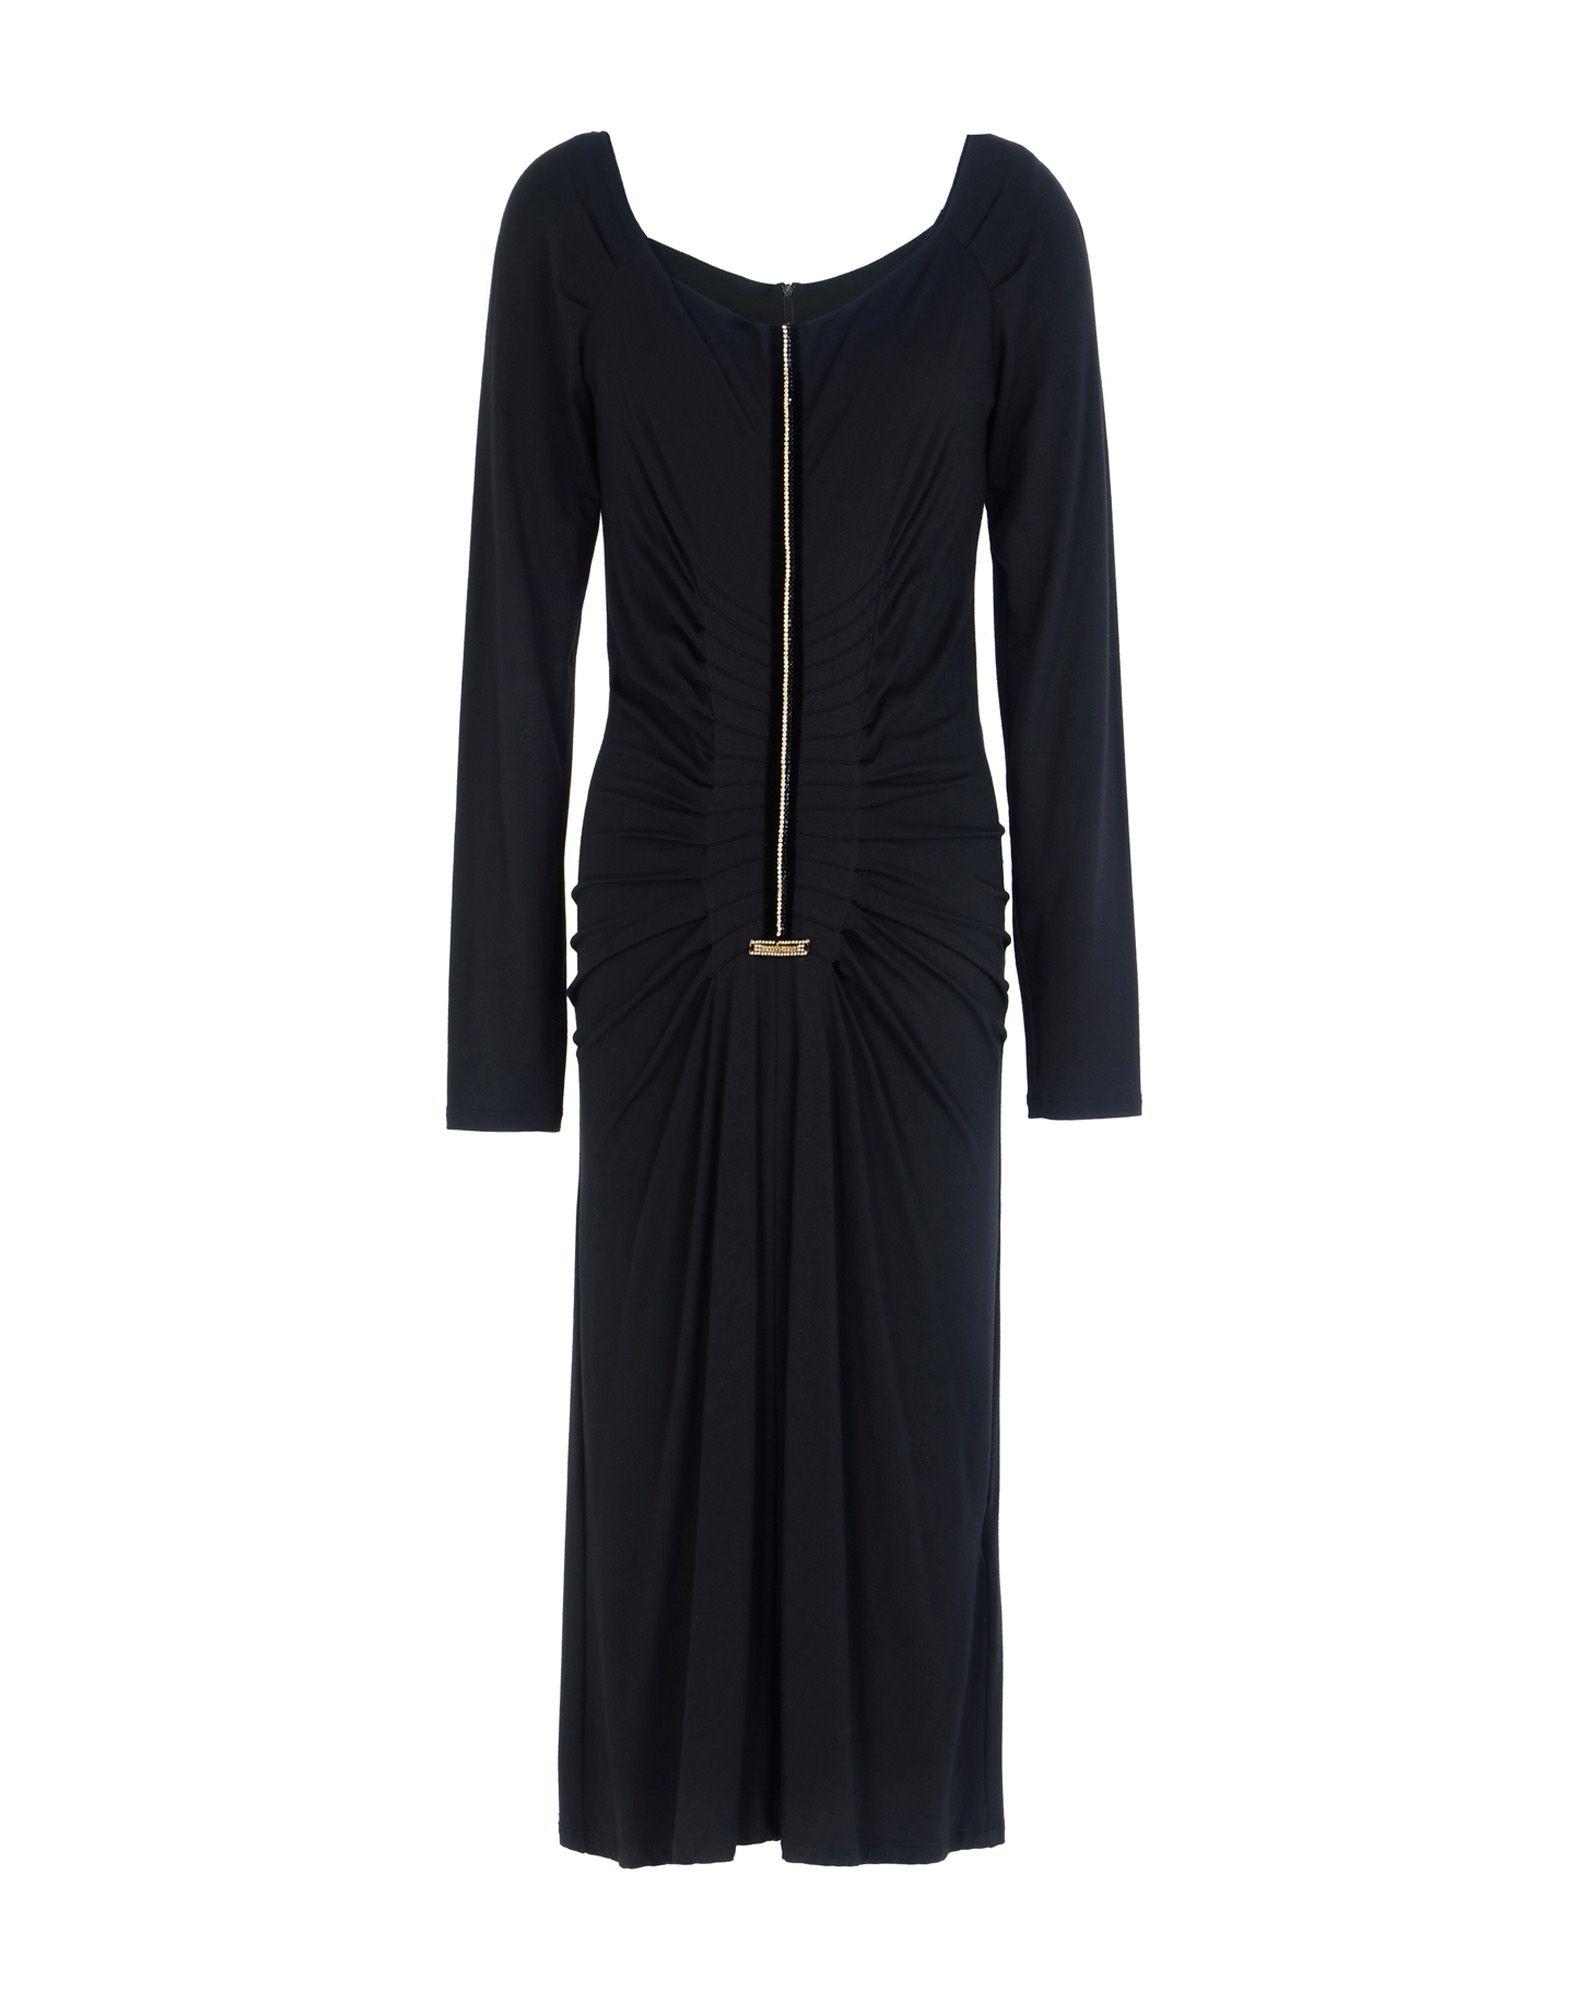 ROCCOBAROCCO Платье длиной 3/4 lisa corti платье длиной 3 4